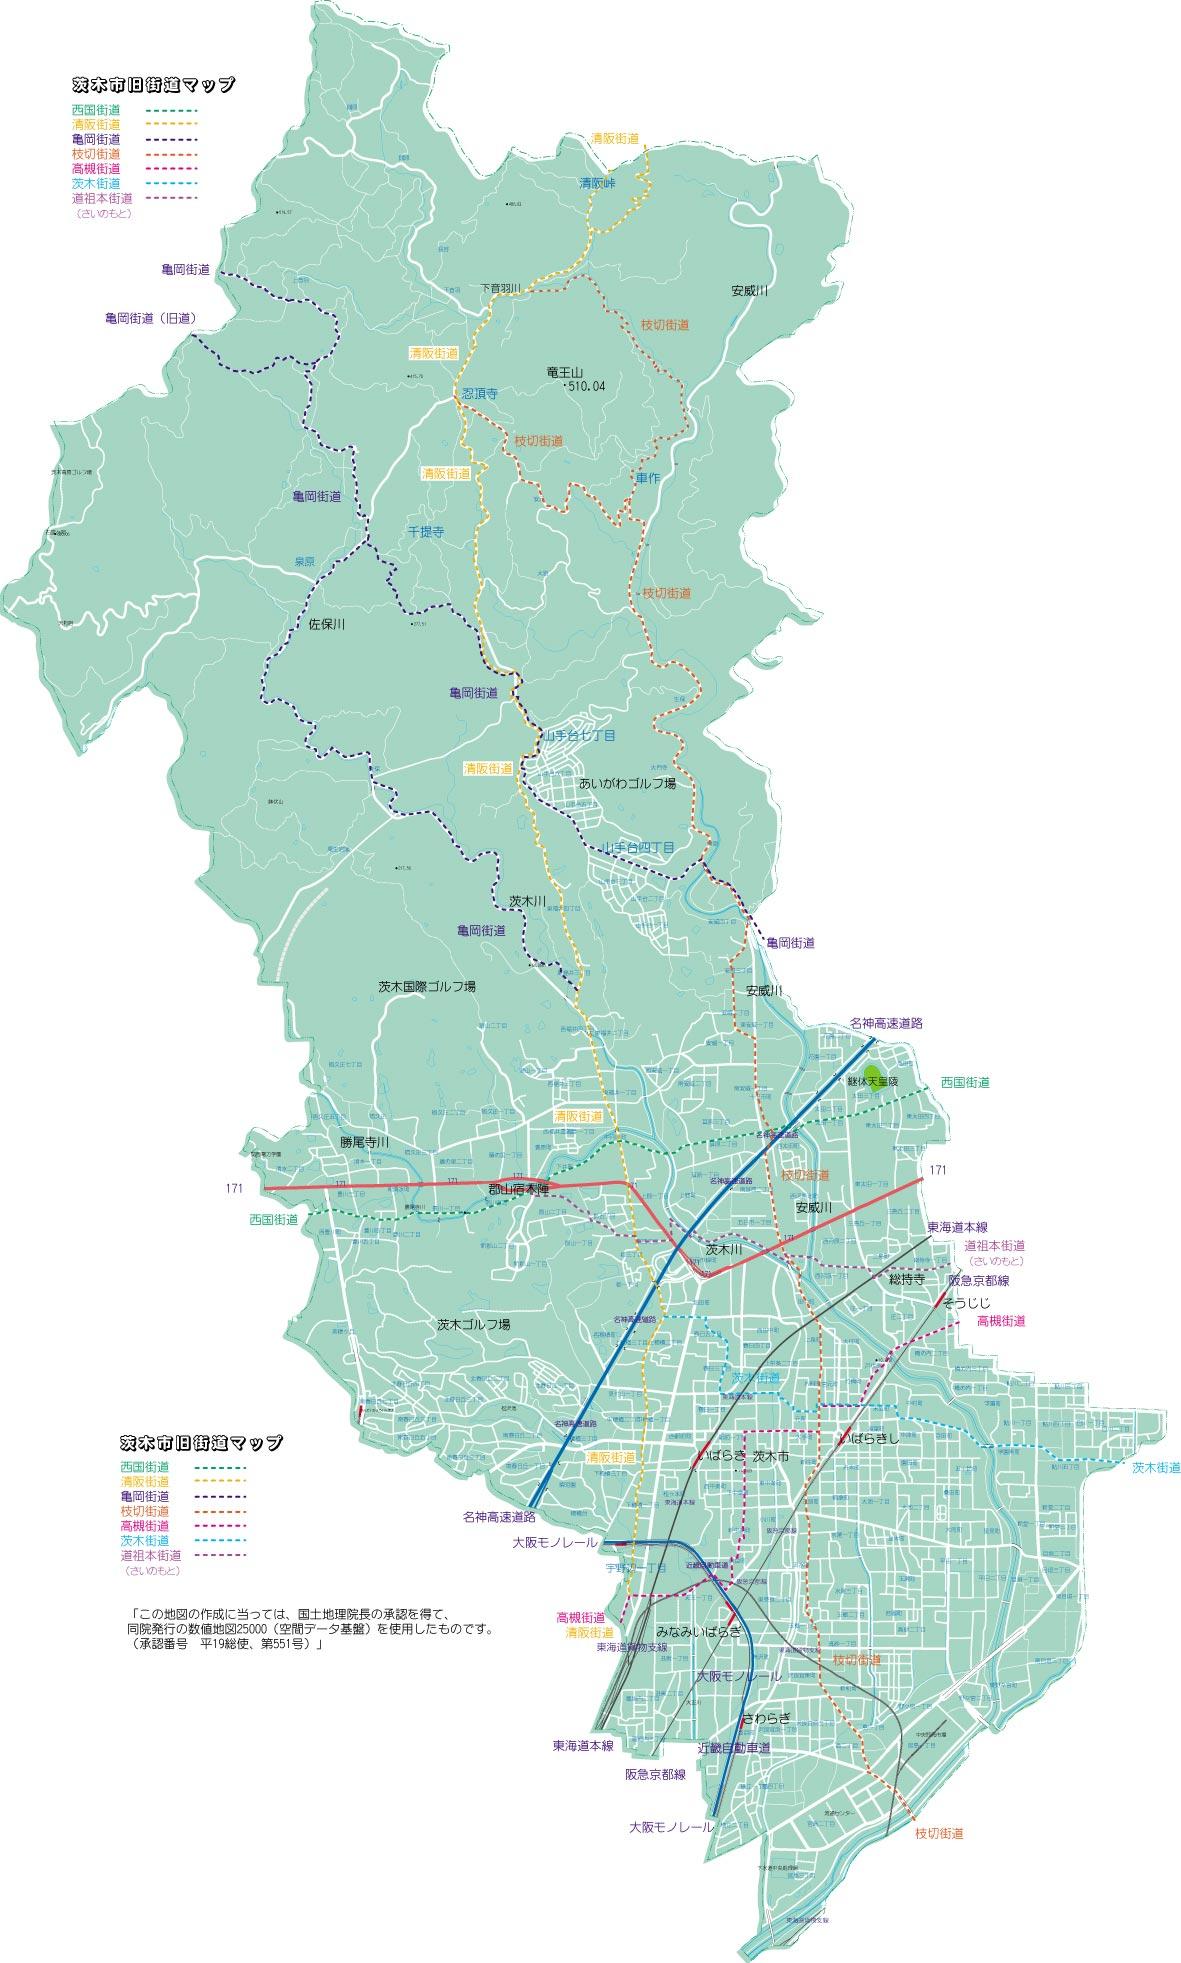 茨木市・旧街道マップ : 大阪を歩こう